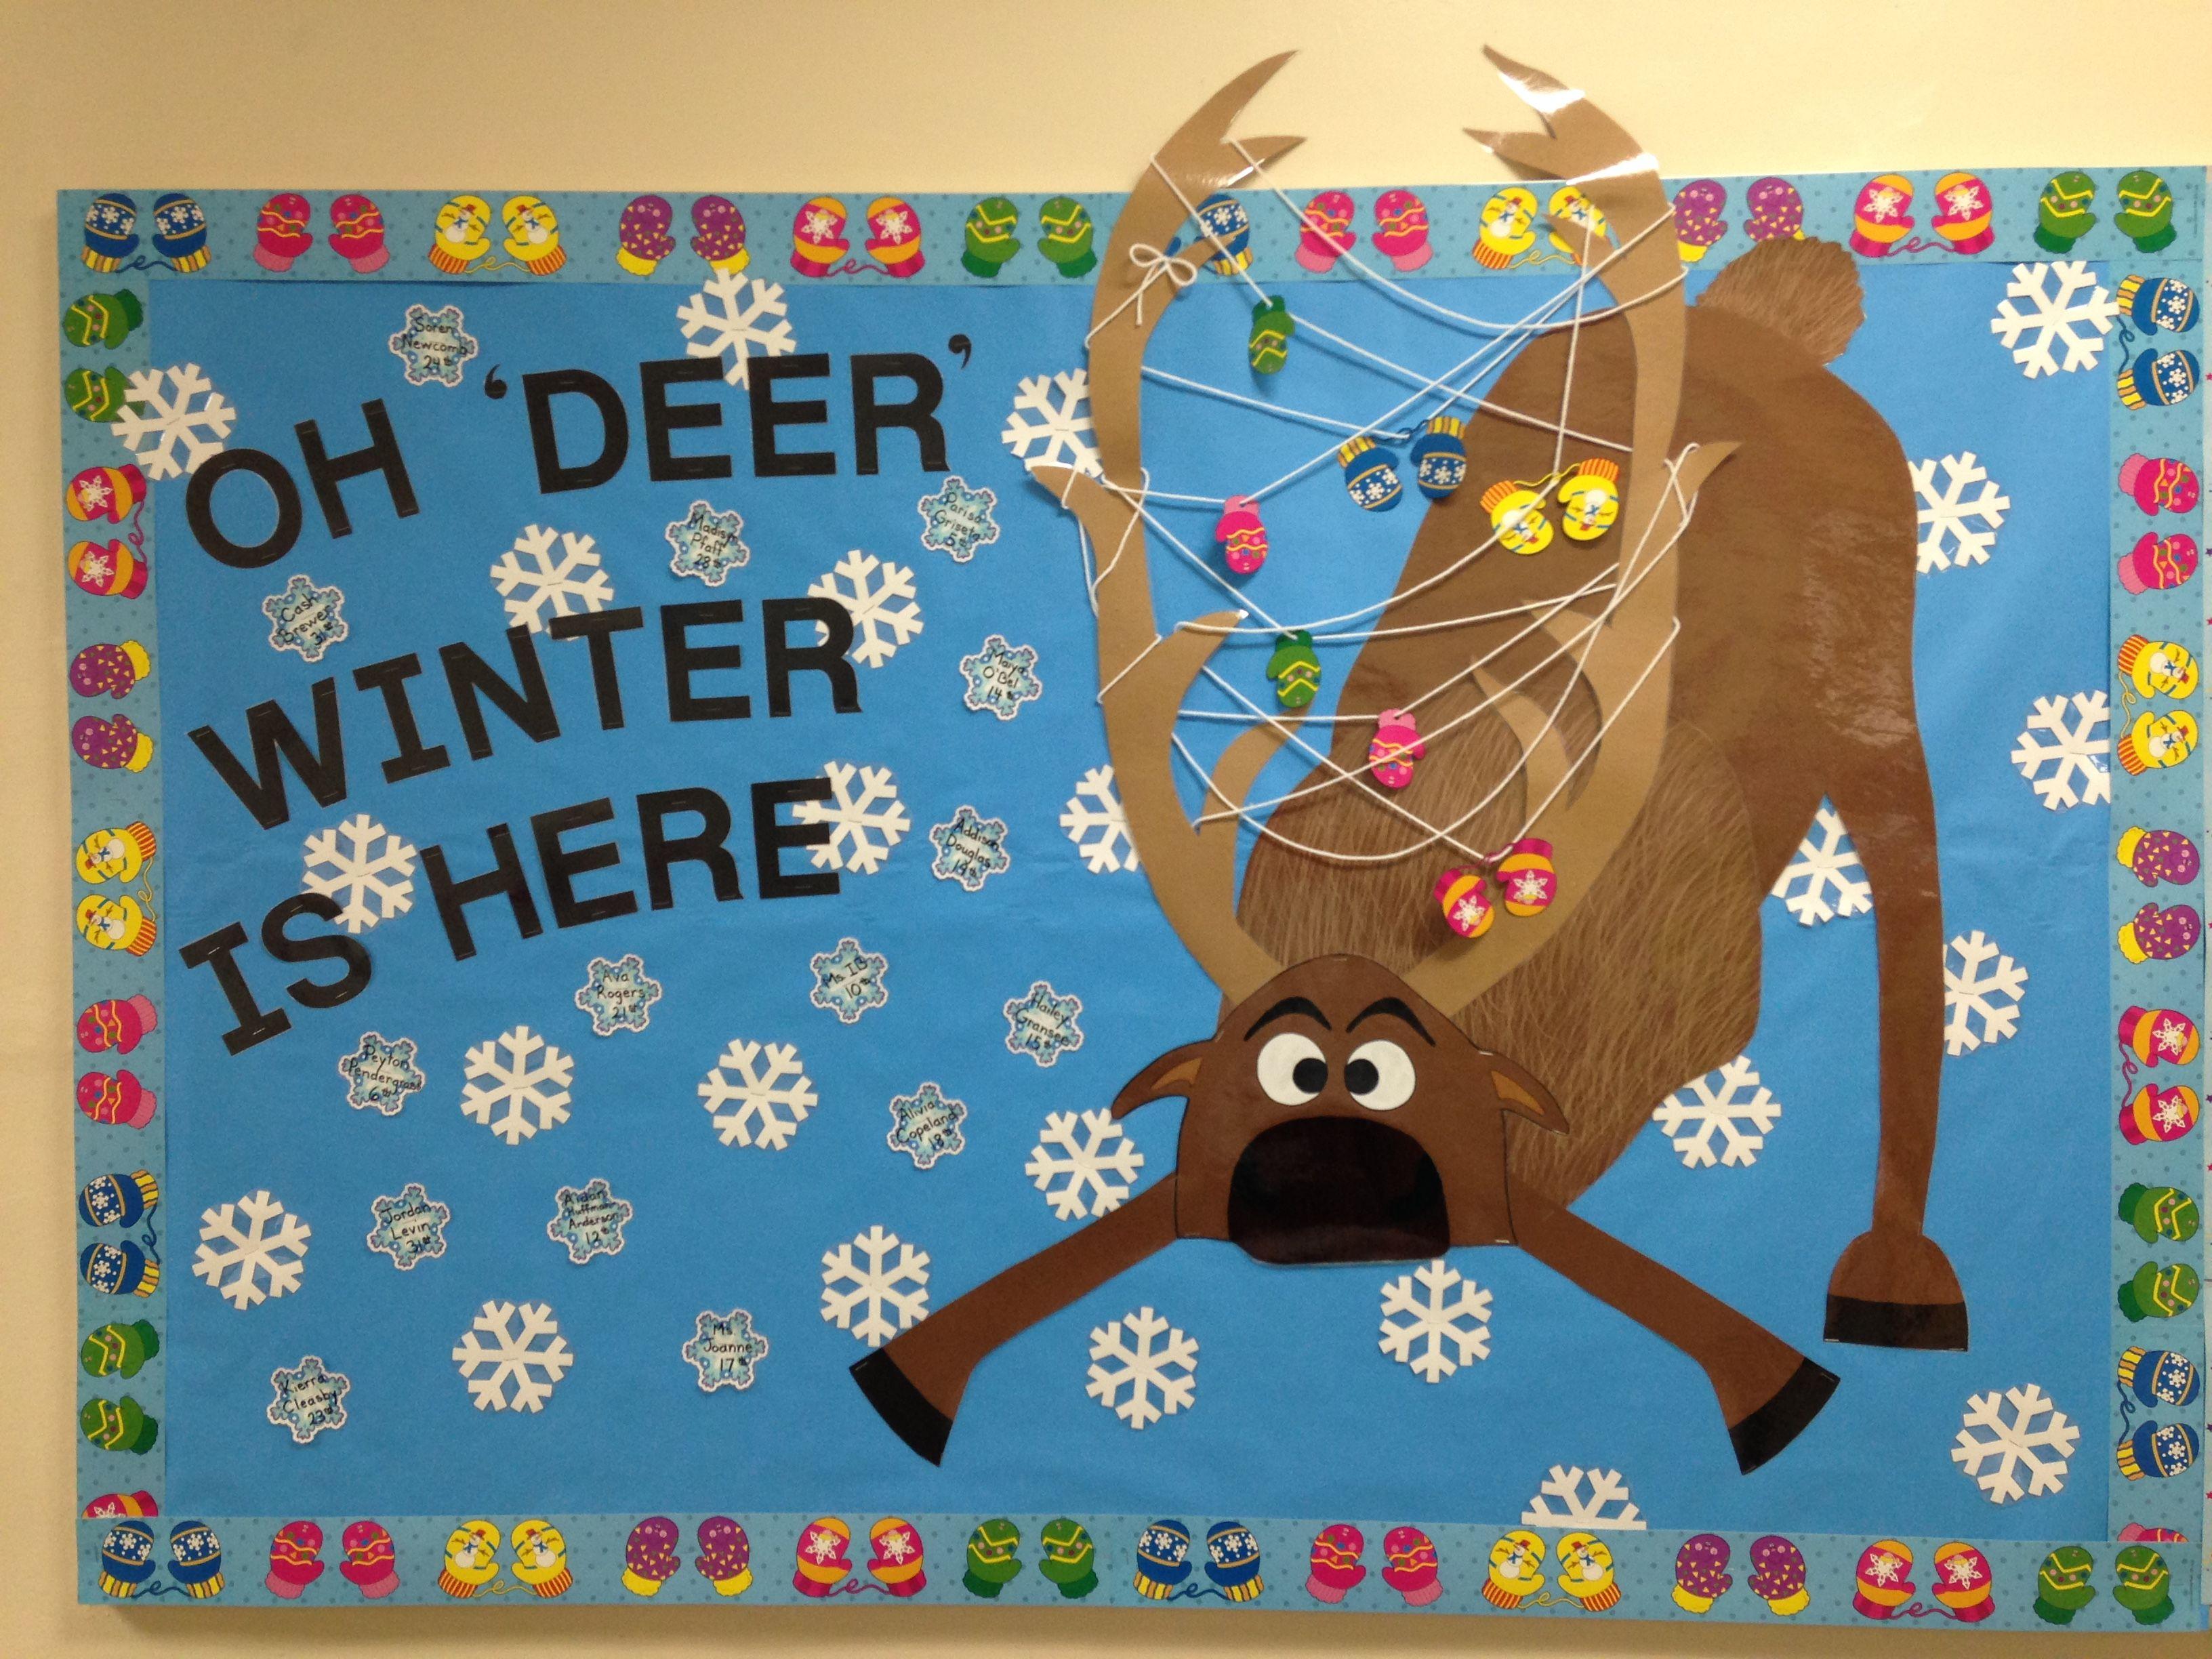 Winter bulletin boards ideas pinterest - December winter bulletin board oh deer winter is here